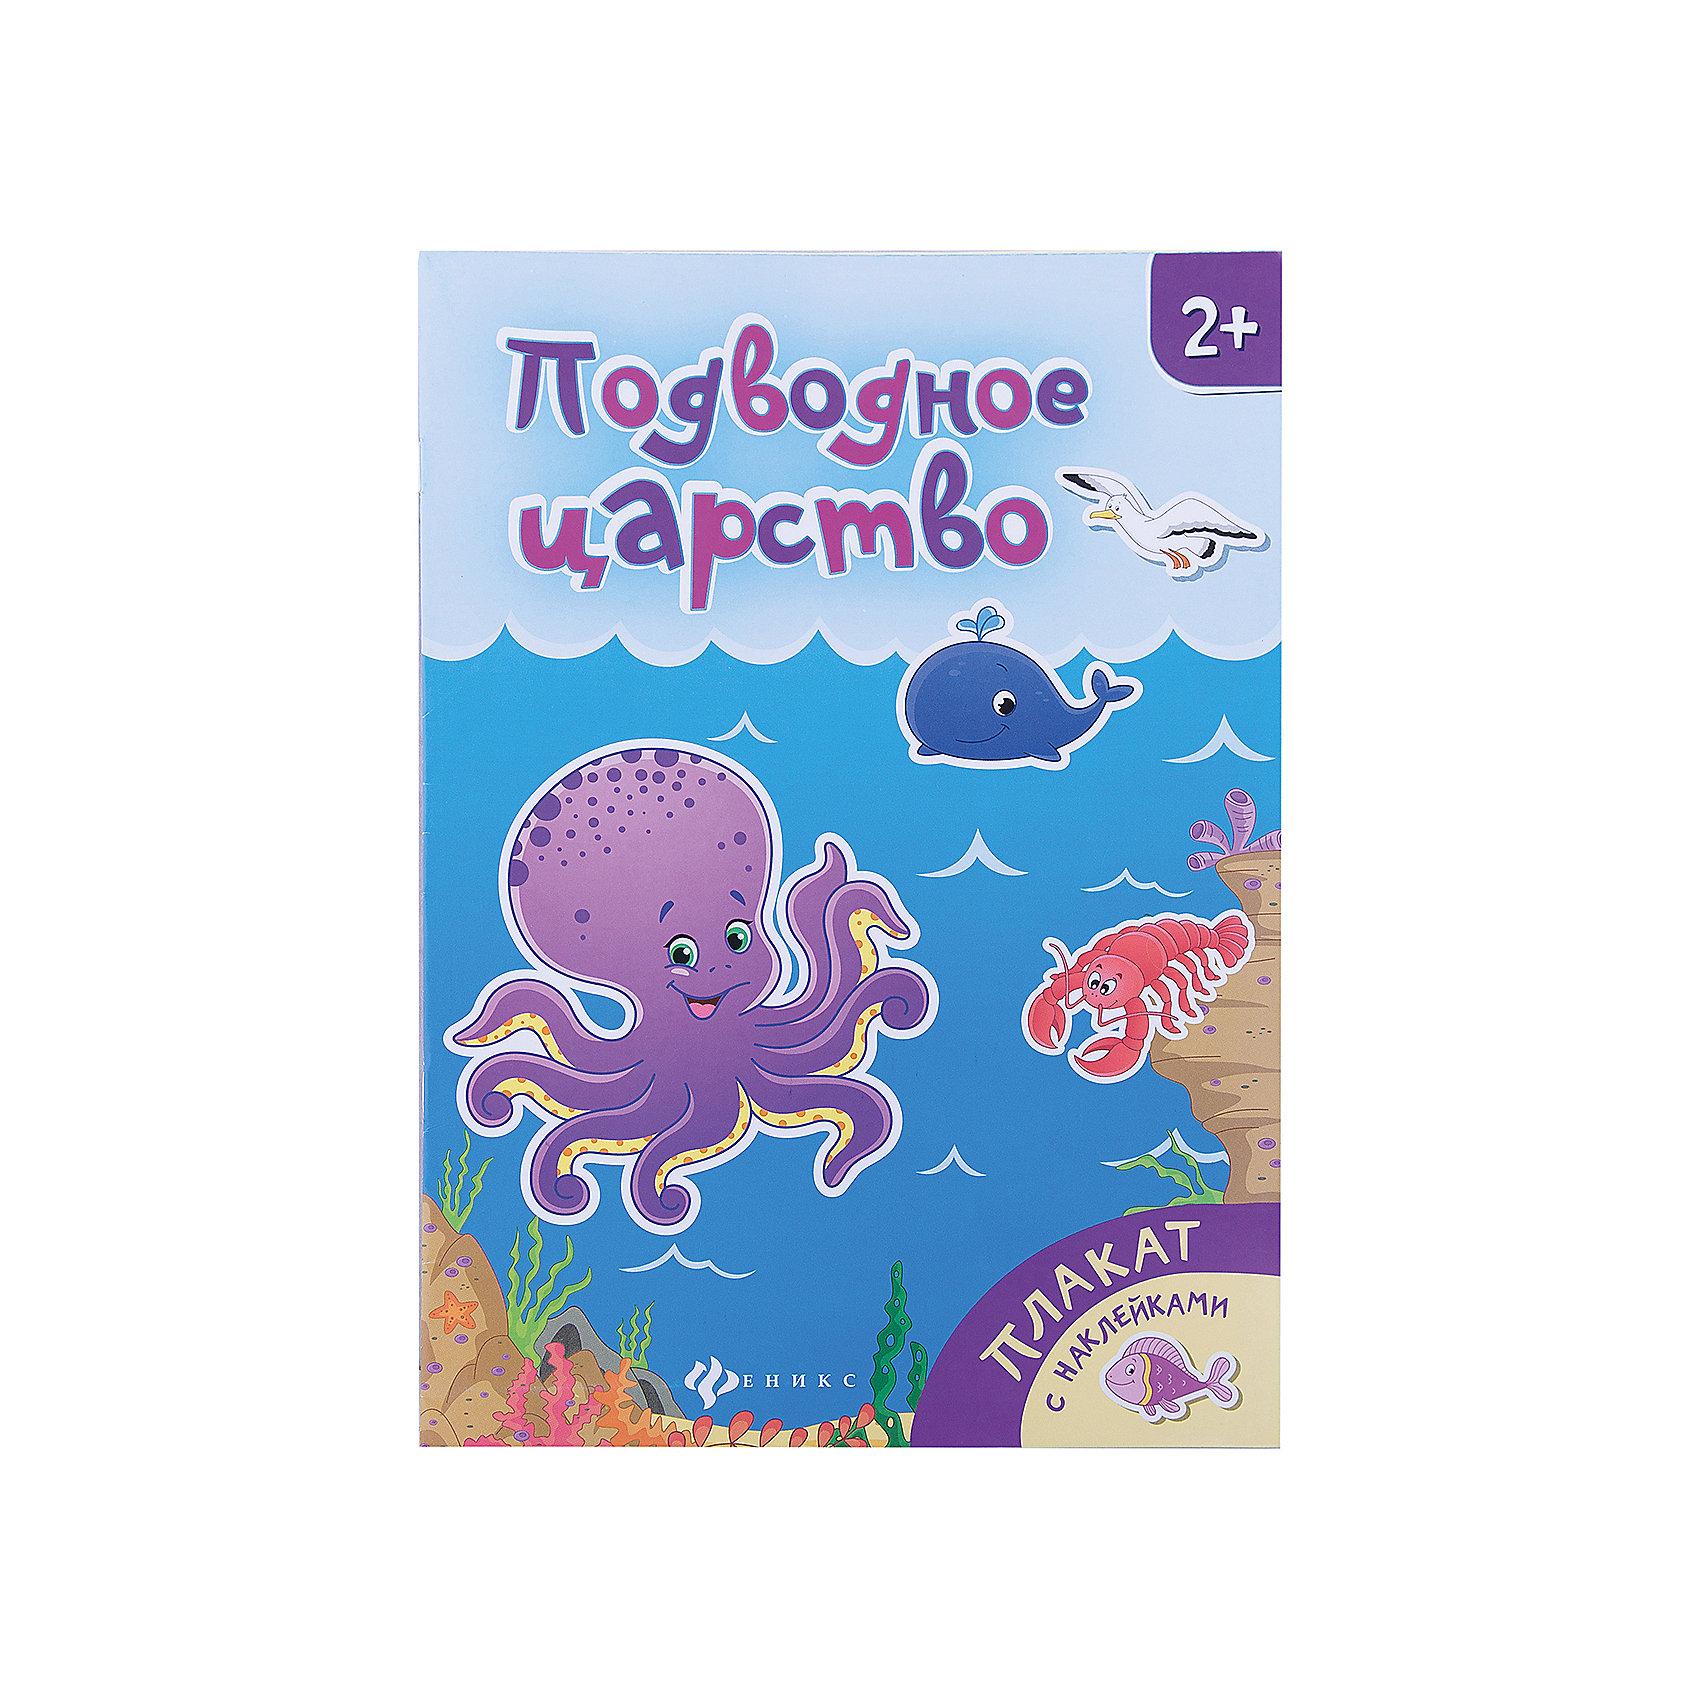 Книжка-плакат Подводное царствоФеникс<br>Плакат с наклейками - это необычный и интересный формат для знакомства малыша с новыми темами. <br>Как это работает?<br>- занятия с наклейками способствуют развитию мелкой моторики;<br>- пошаговое наклеивание персонажей и предметов позволяет лучше их запомнить;<br>- работа с наклейками может занять малыша надолго.<br><br>Ширина мм: 100<br>Глубина мм: 205<br>Высота мм: 291<br>Вес г: 330<br>Возраст от месяцев: 36<br>Возраст до месяцев: 2147483647<br>Пол: Унисекс<br>Возраст: Детский<br>SKU: 5518147